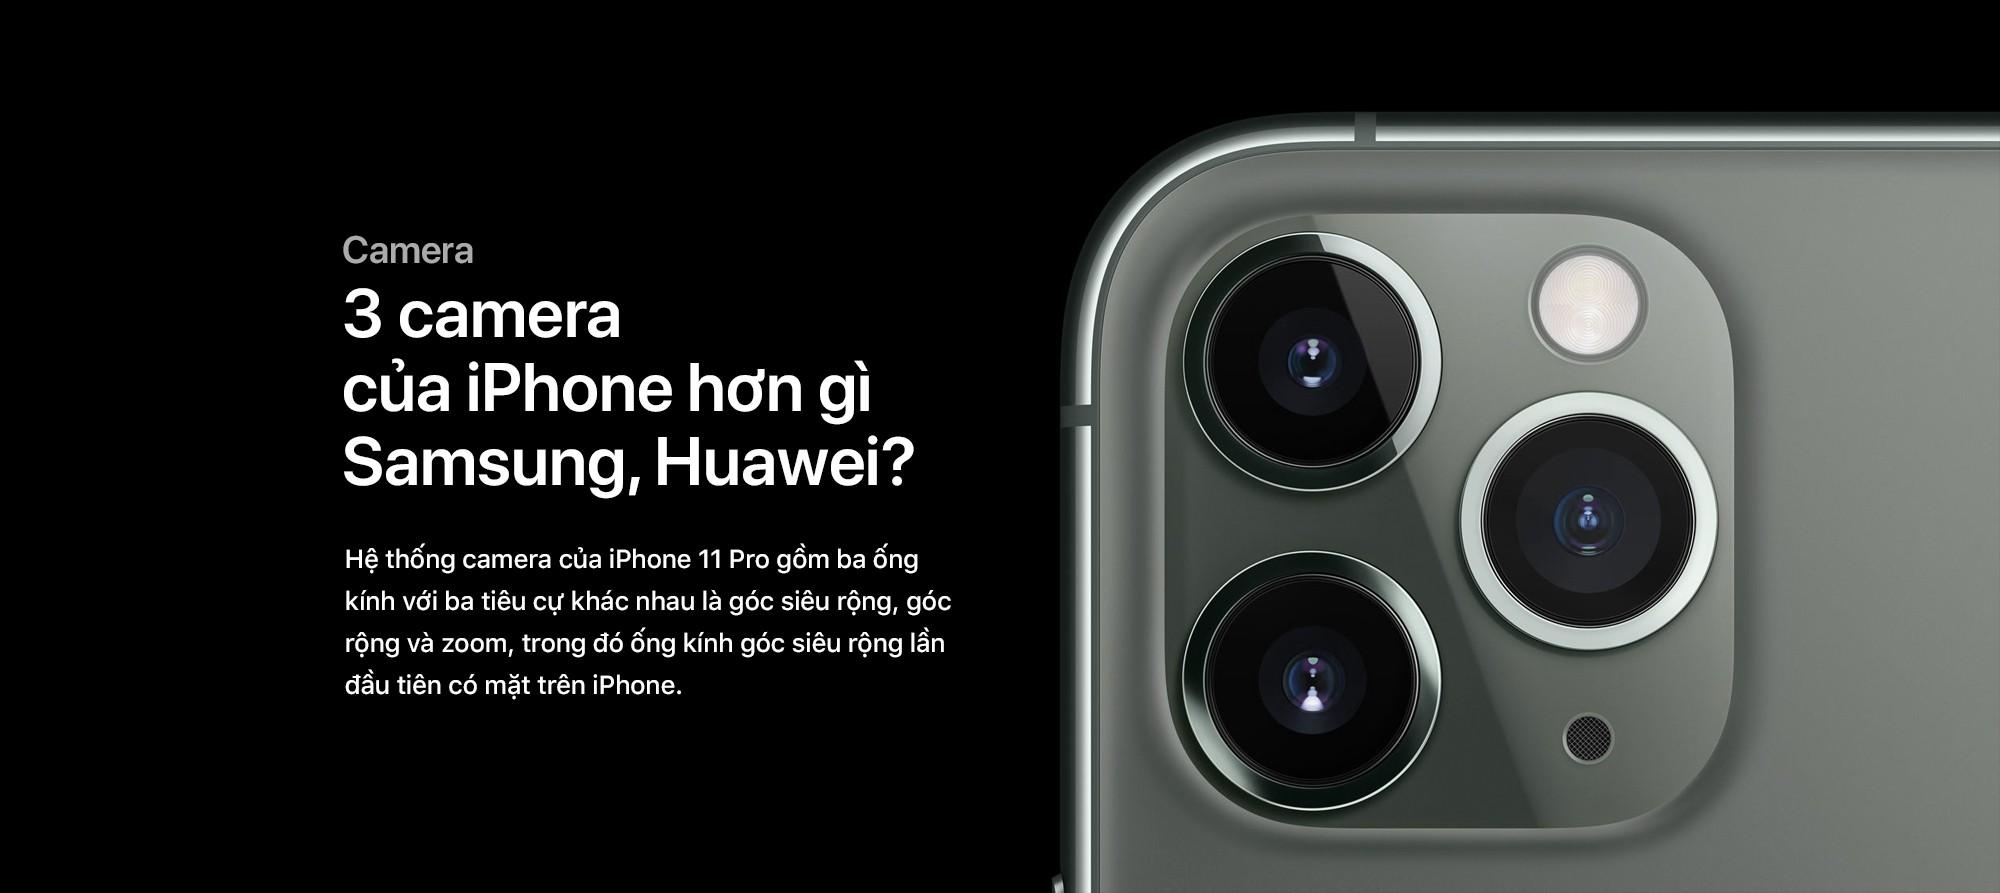 Đánh giá iPhone 11 Pro: Không phải người đi đầu, nhưng vẫn là người dẫn đầu - Ảnh 17.